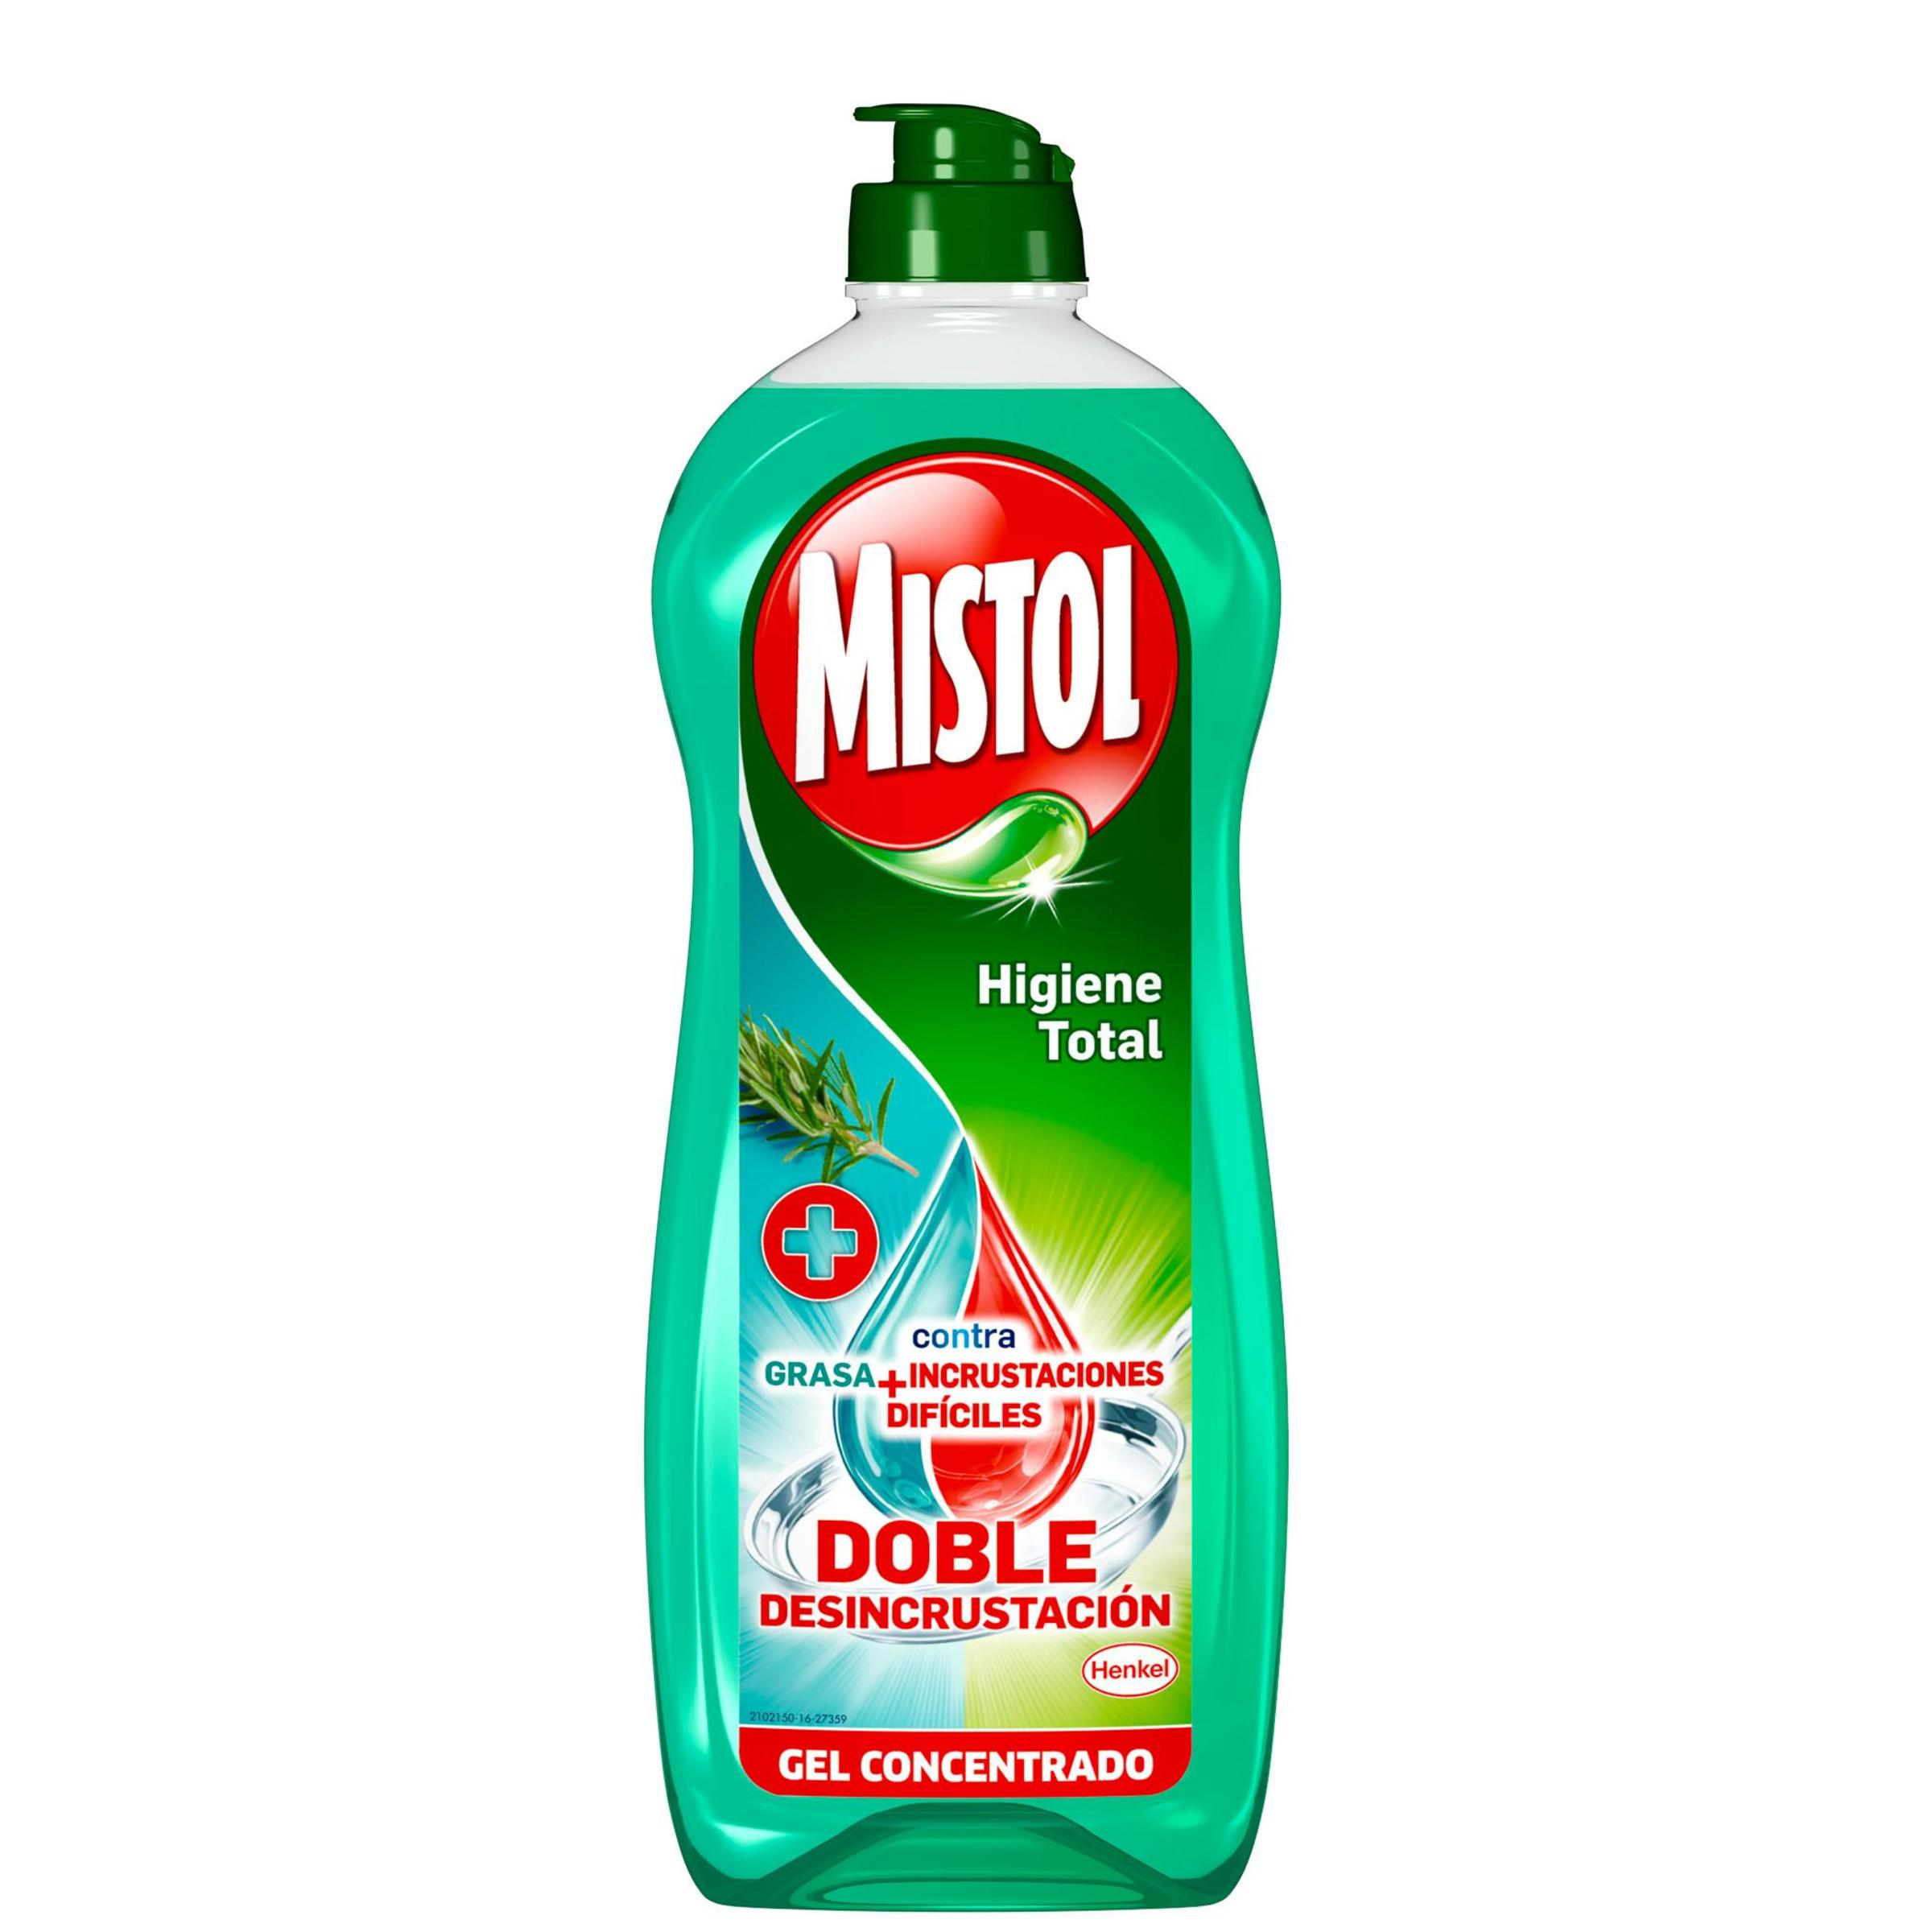 Mistol Higiene Total